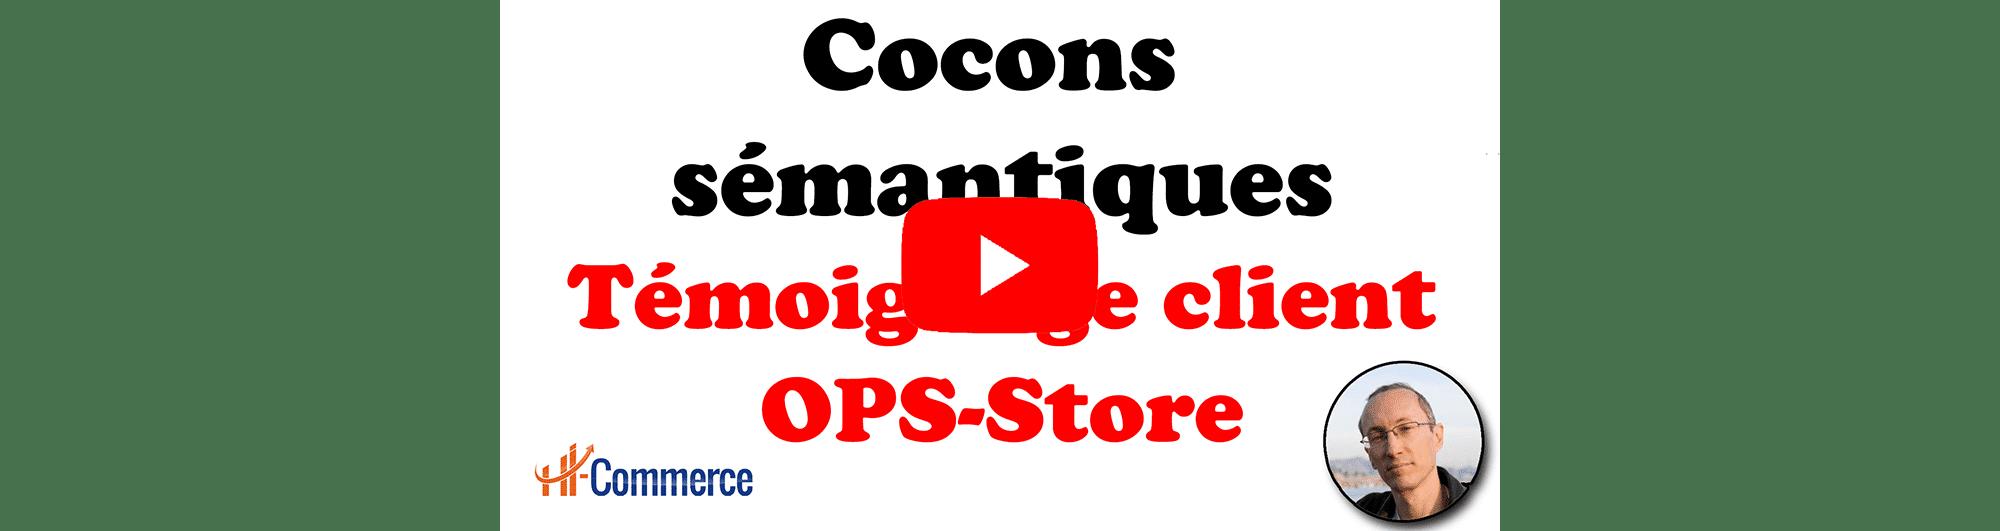 Témoignage client - OPS-Store